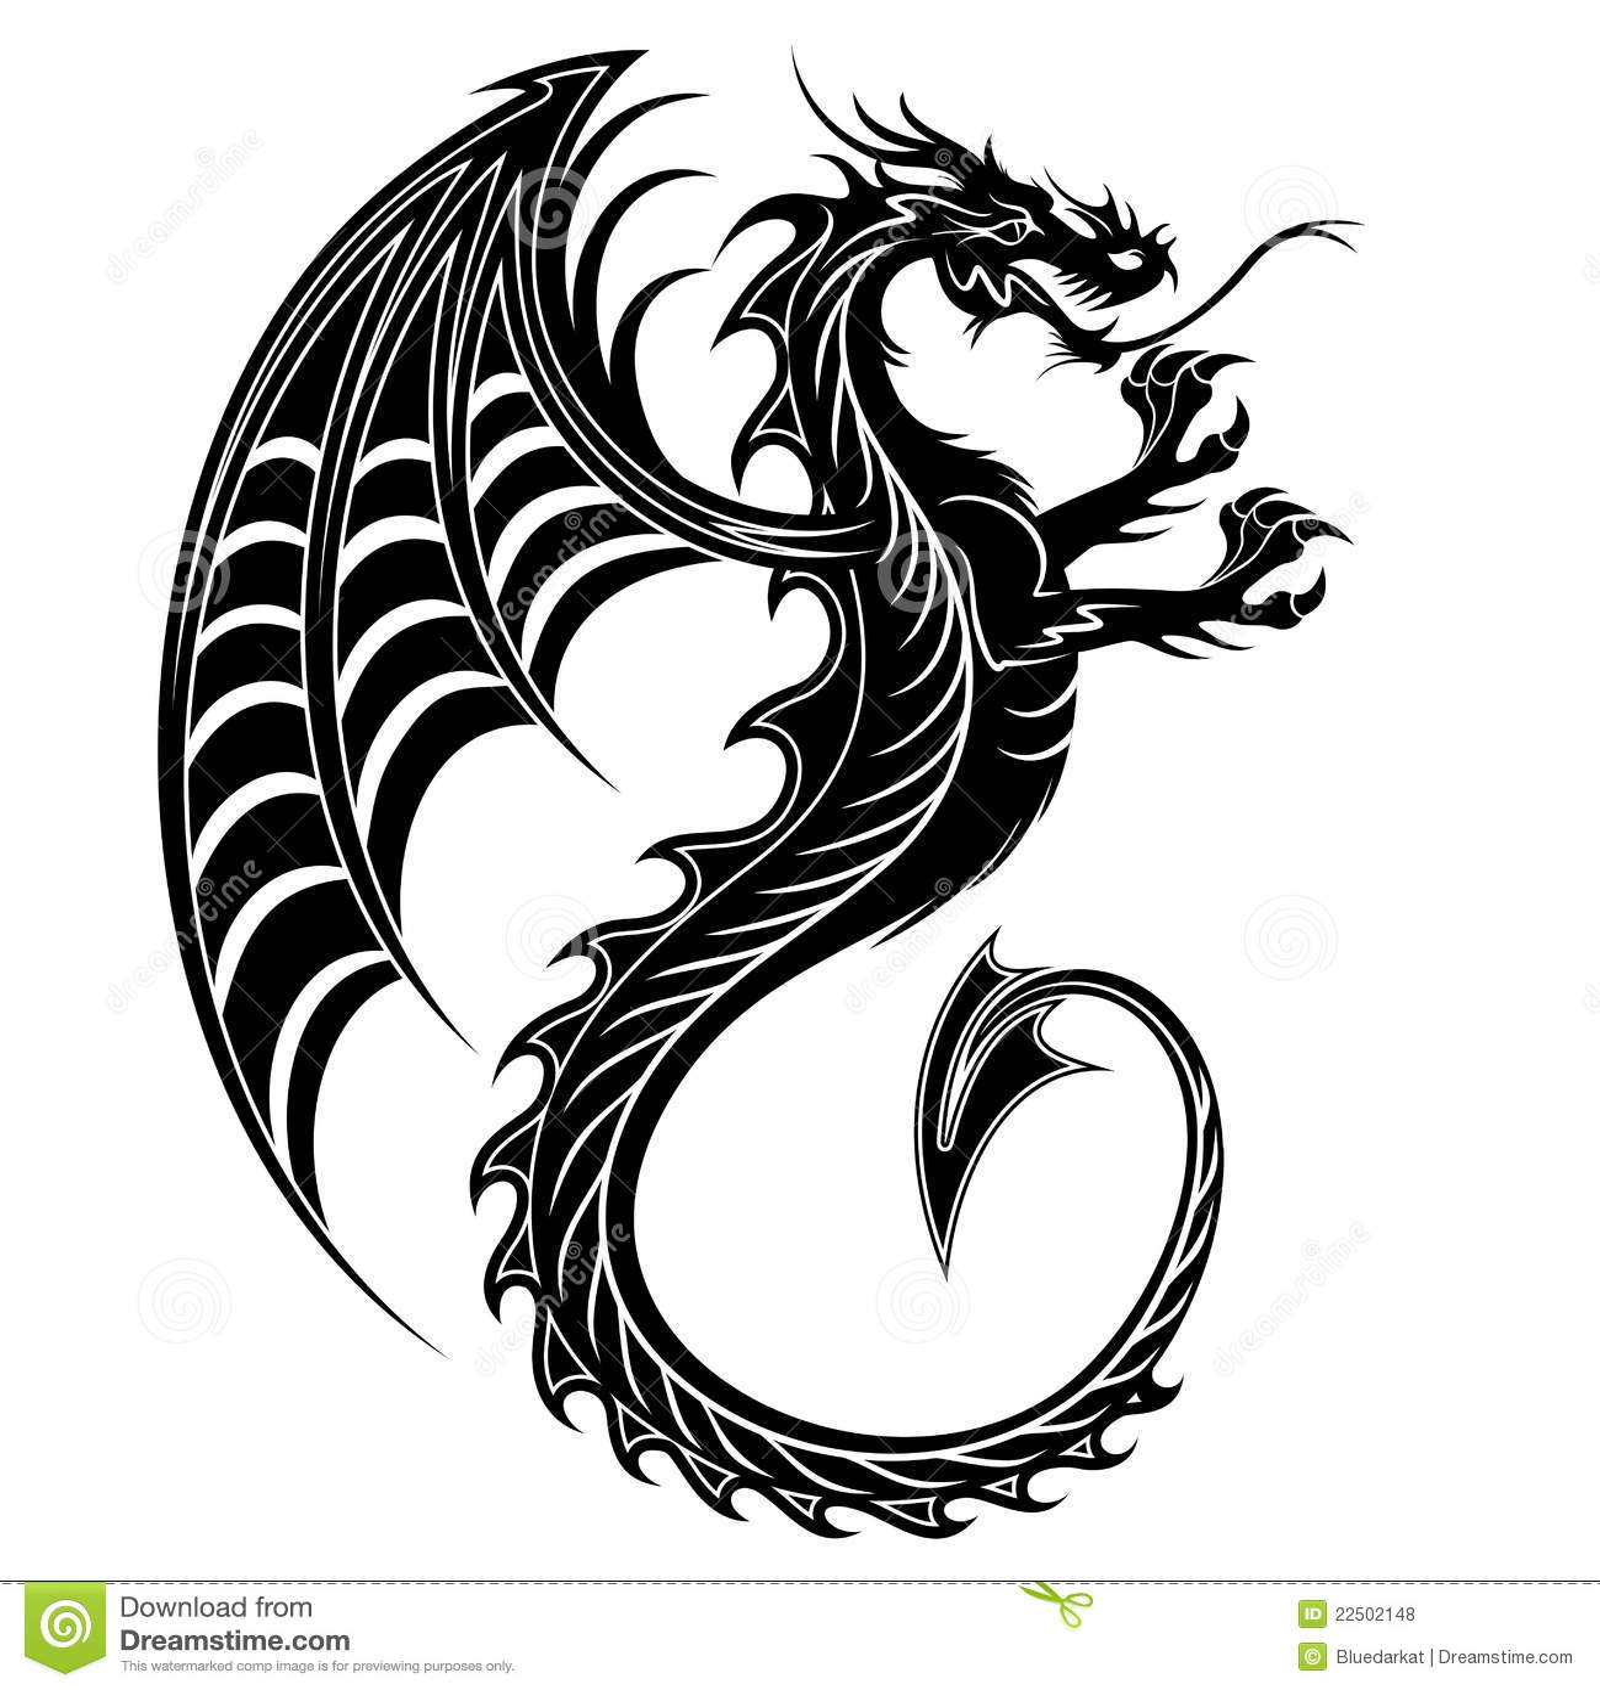 Dragon Tattoo Symbol-2012